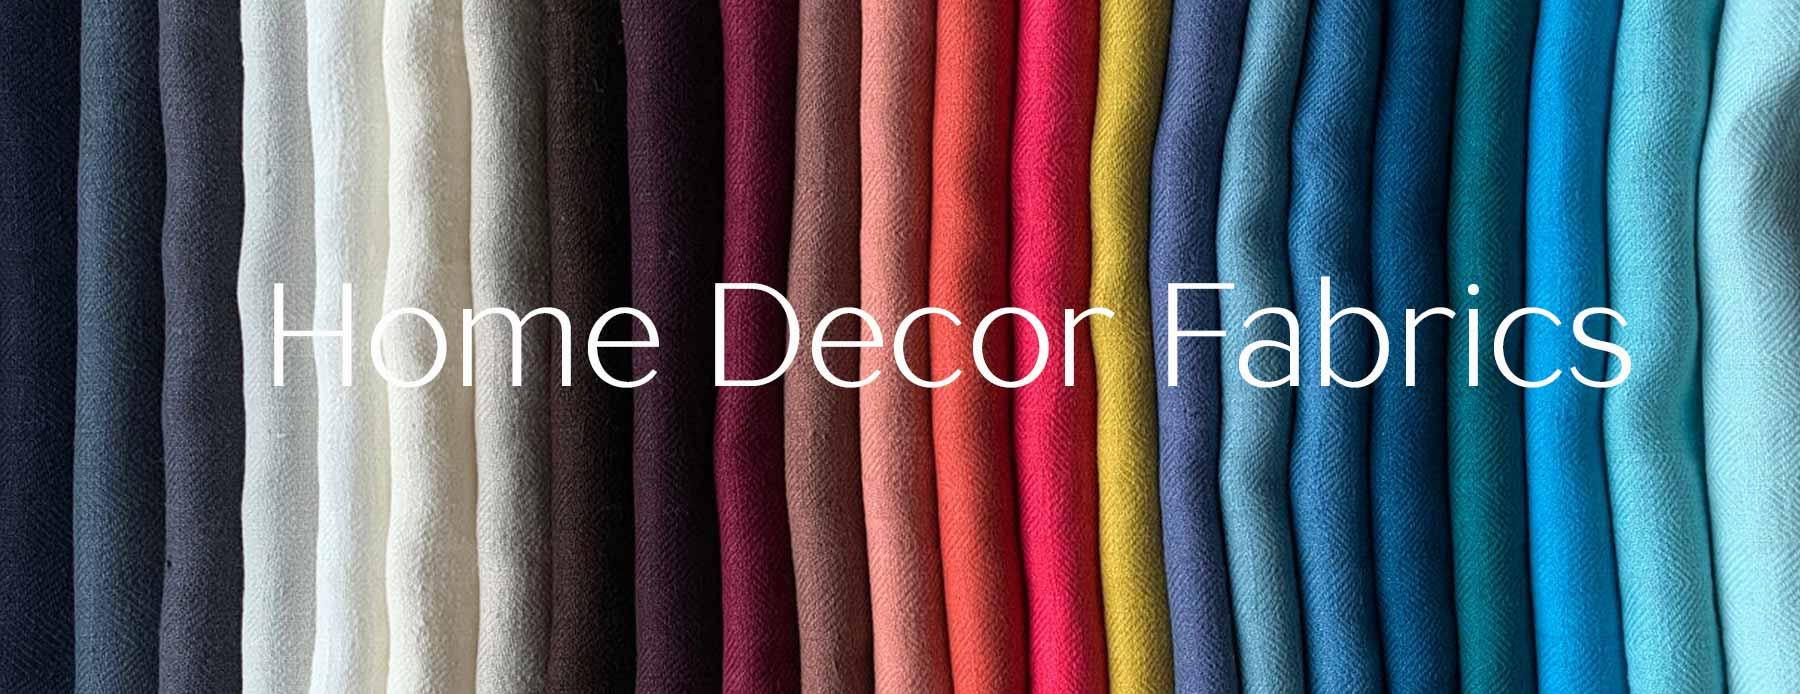 Home Decor Fabrics